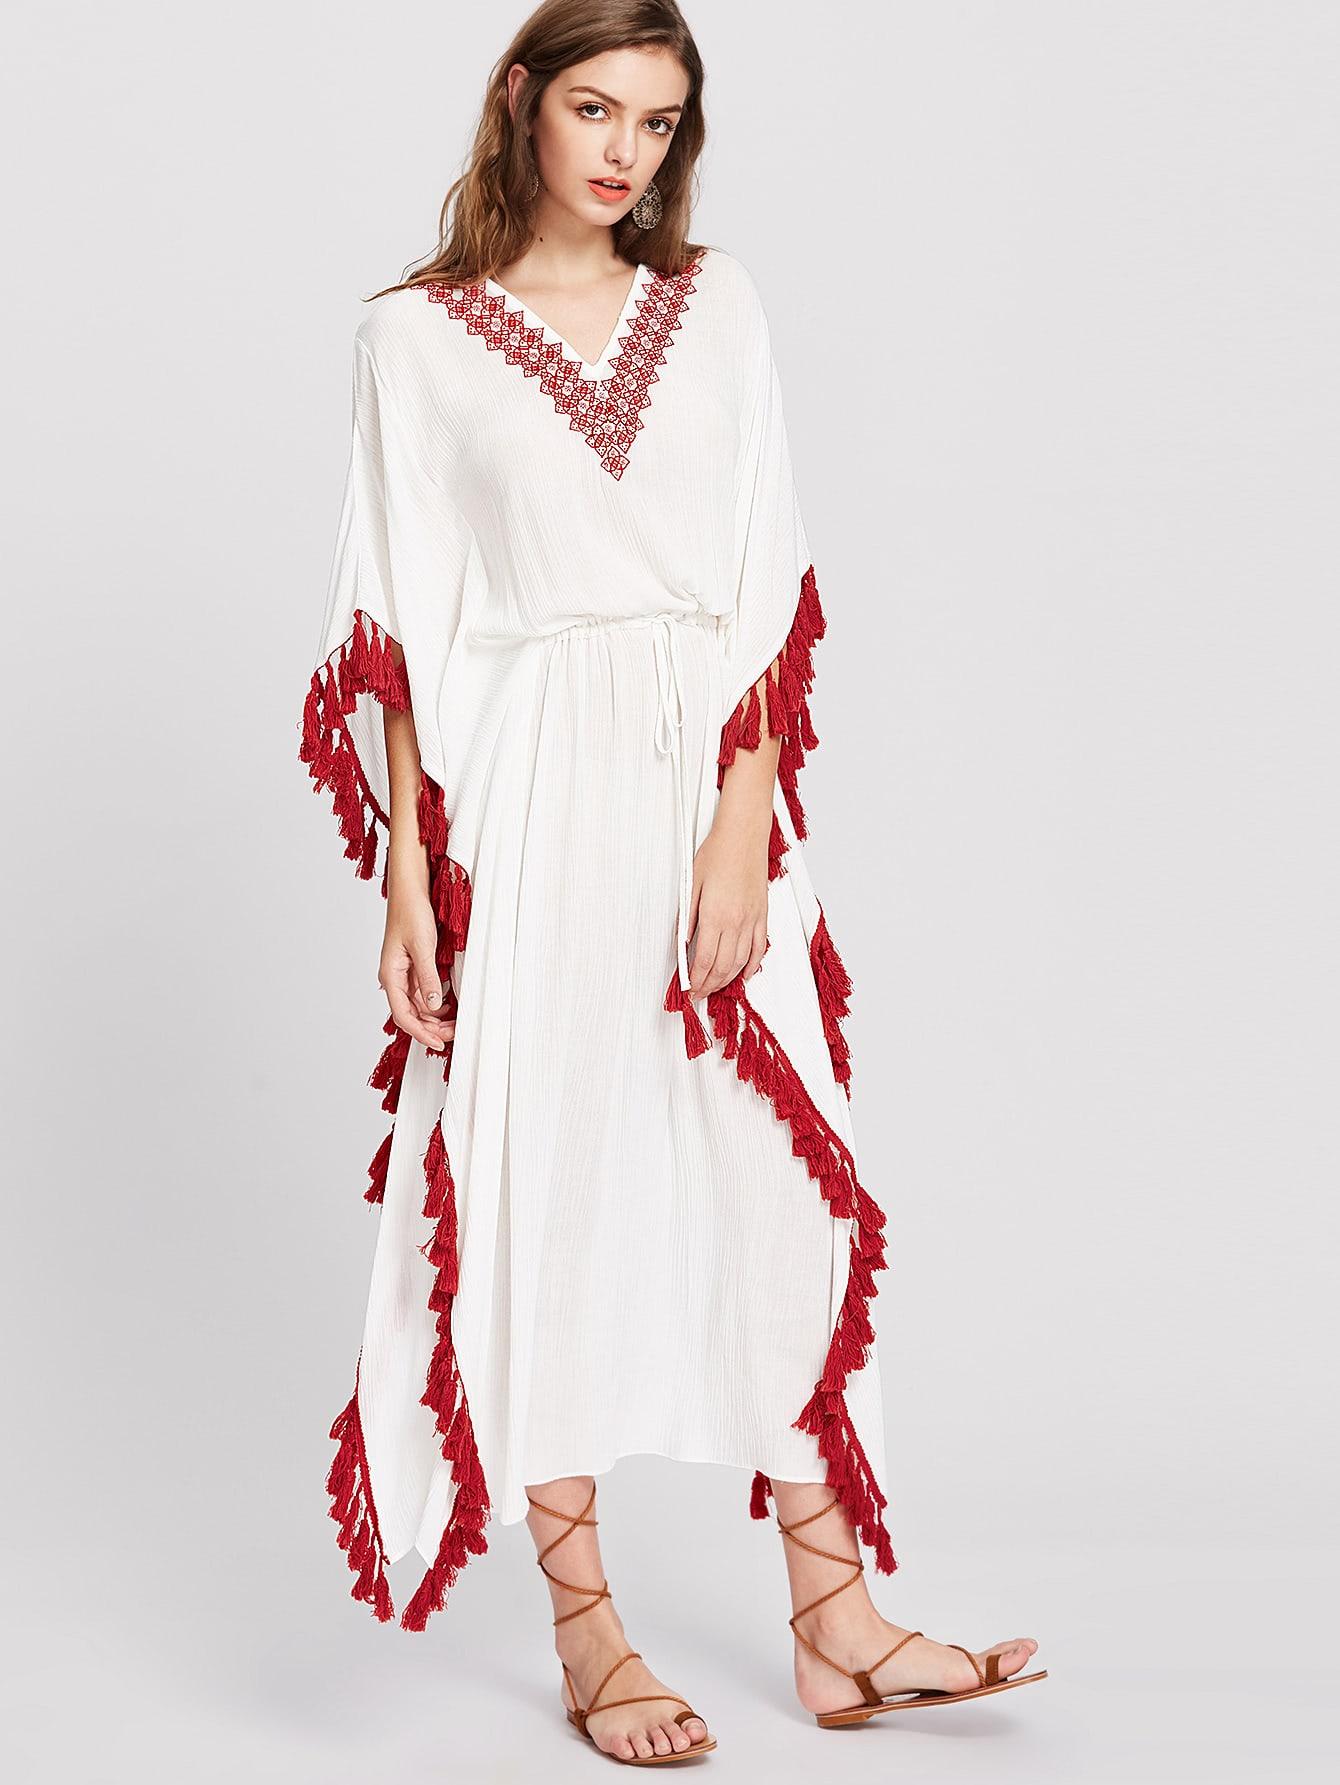 dress170323712_2